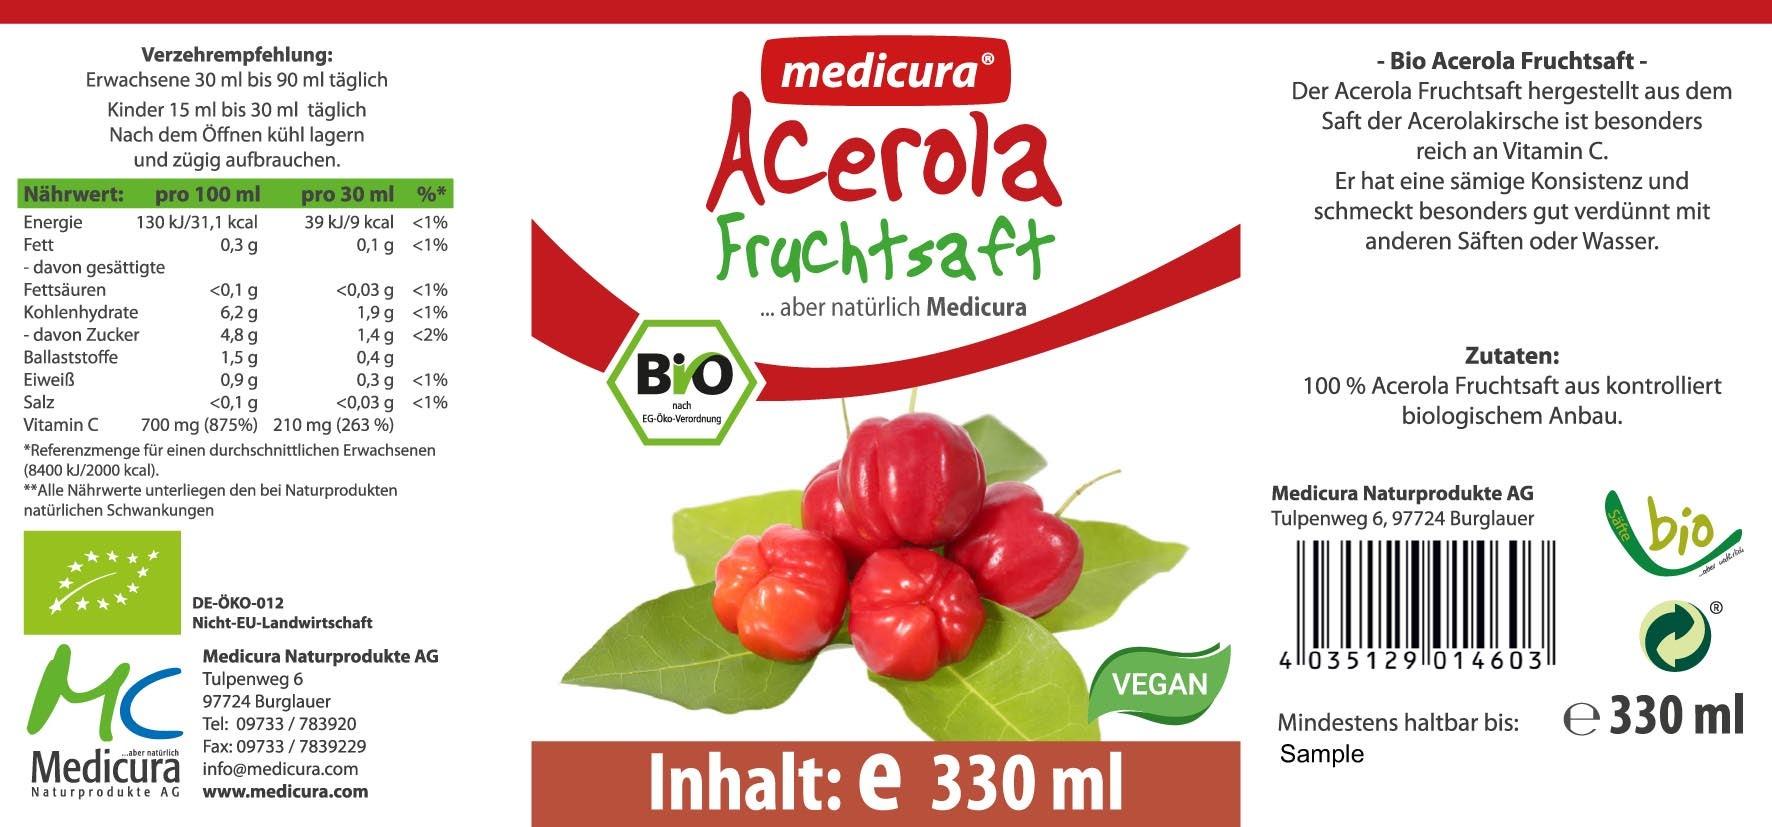 Bio Acerola 100 % Fruchtsaft - 330 ml Glasflasche